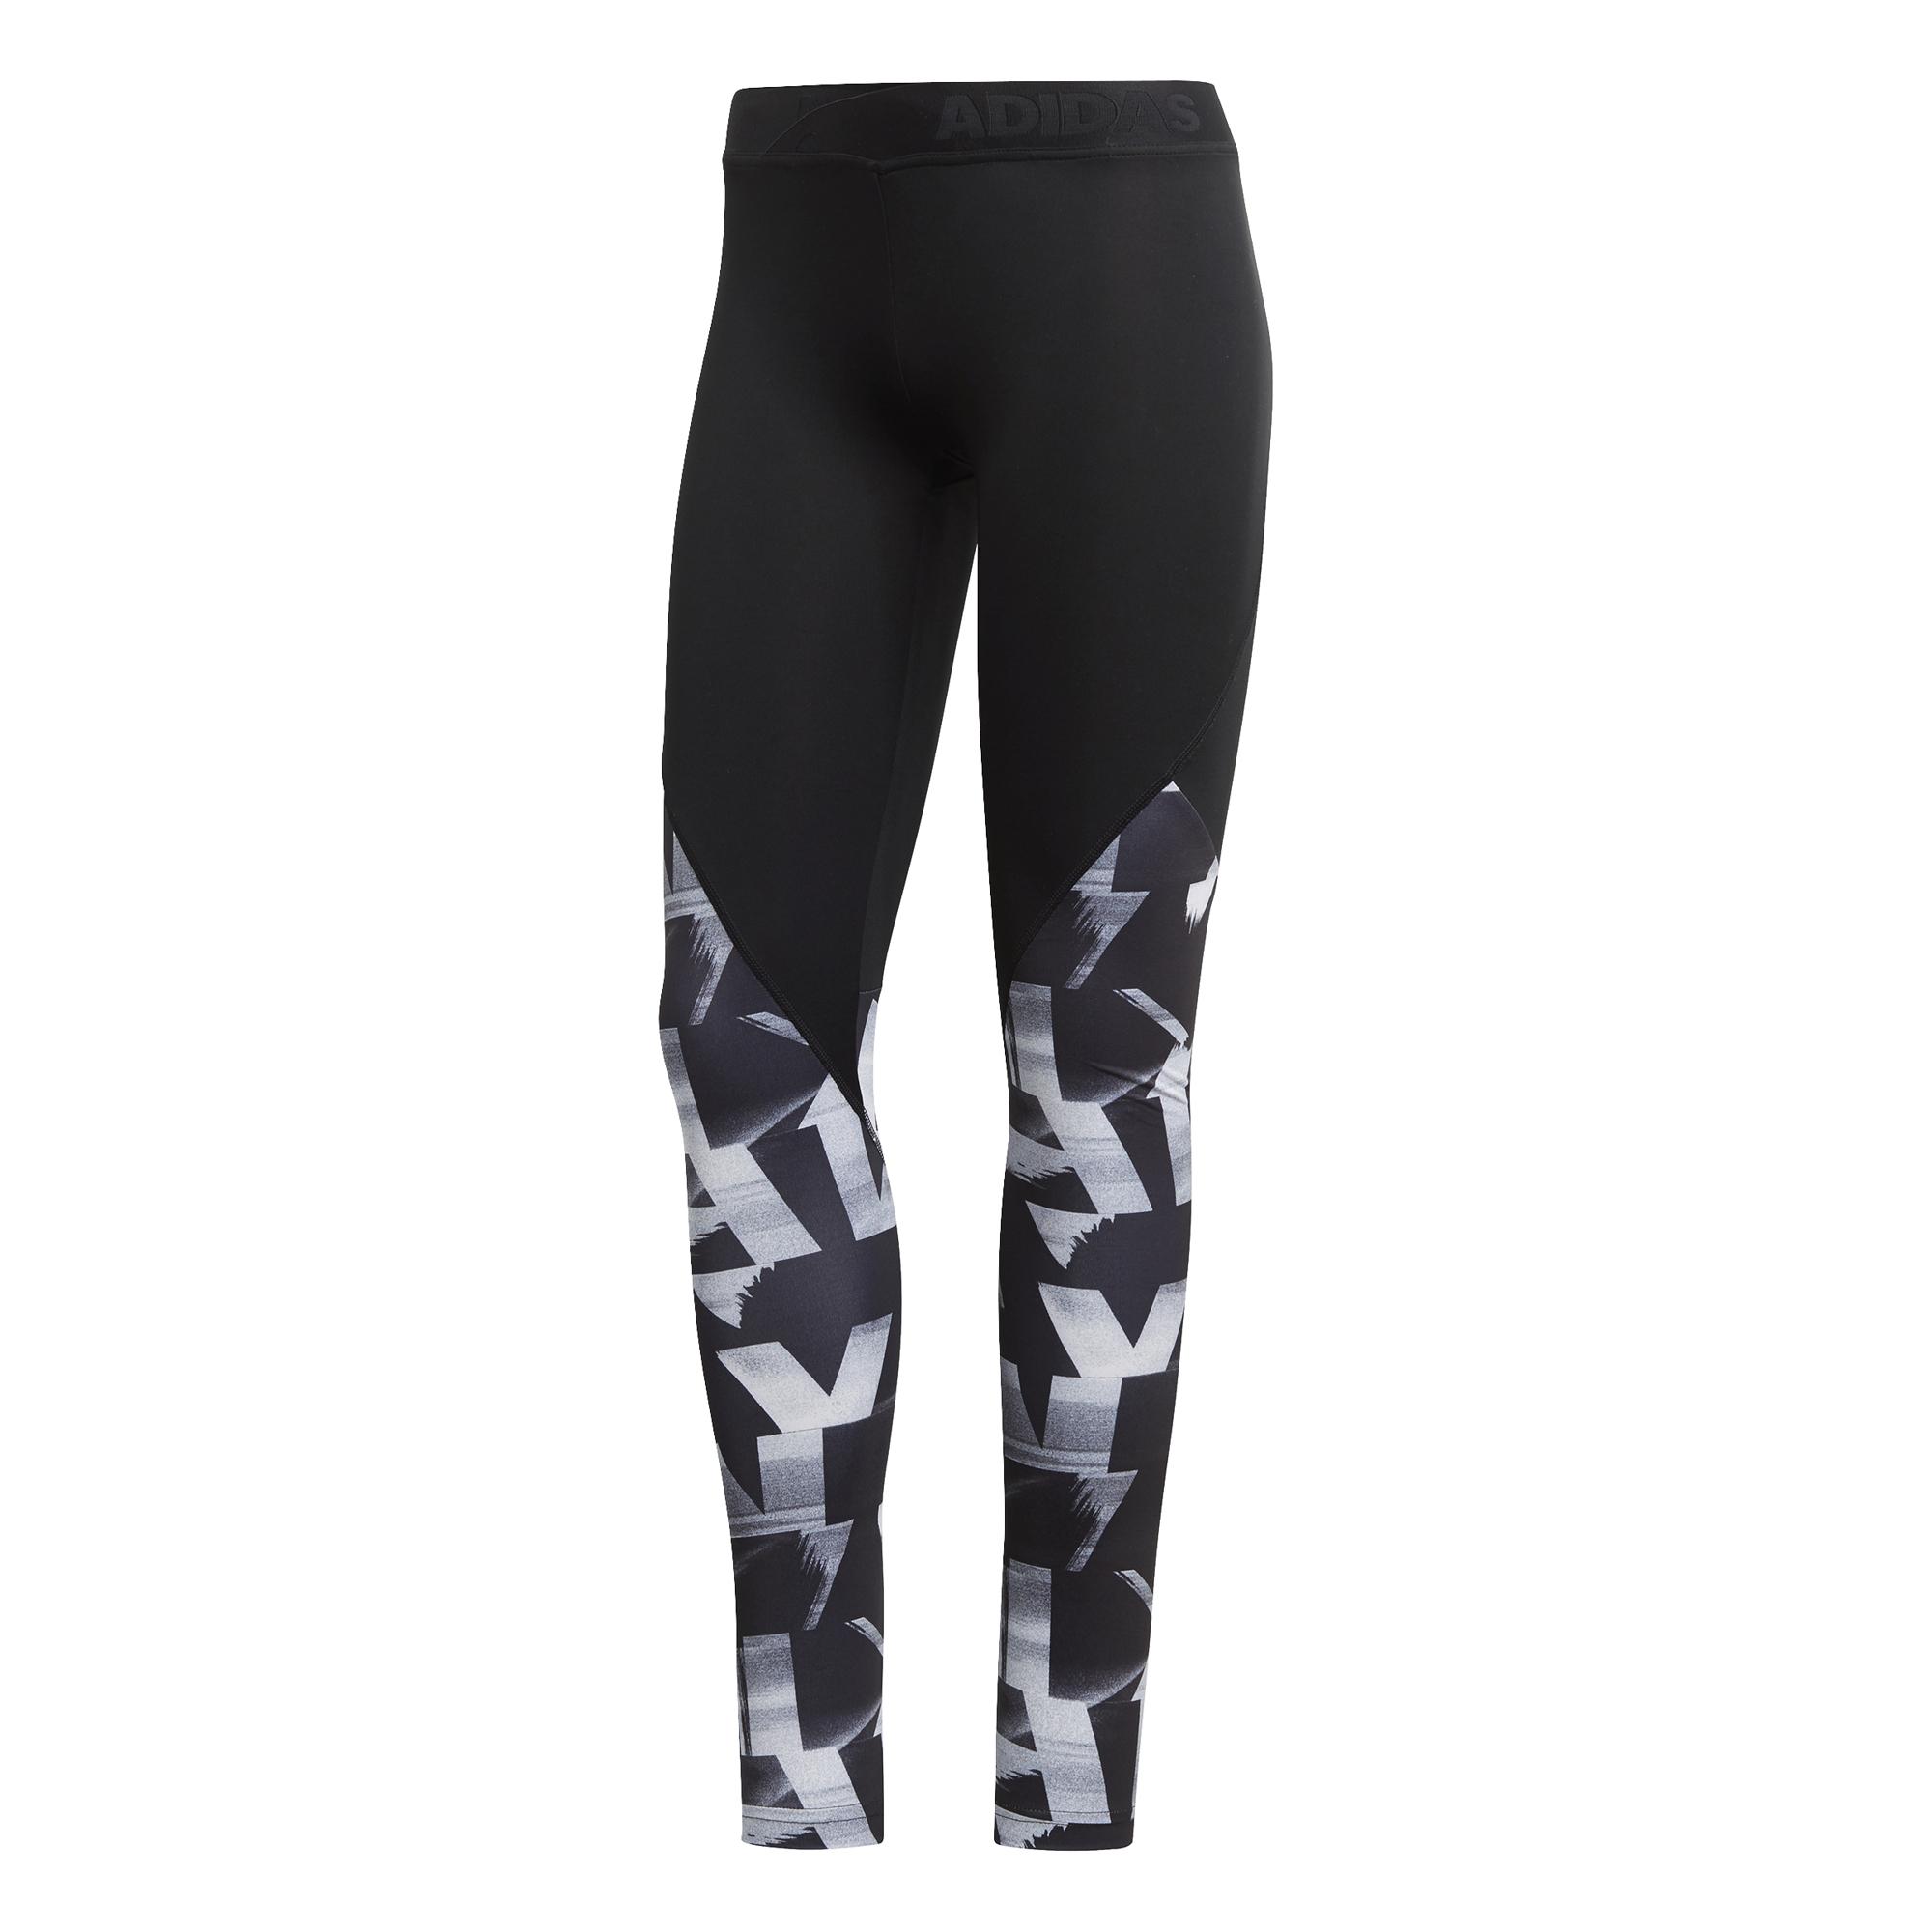 Legging 0 Femme Sport 2 Alphaskin Speed Adidas Splits sdhQrtC